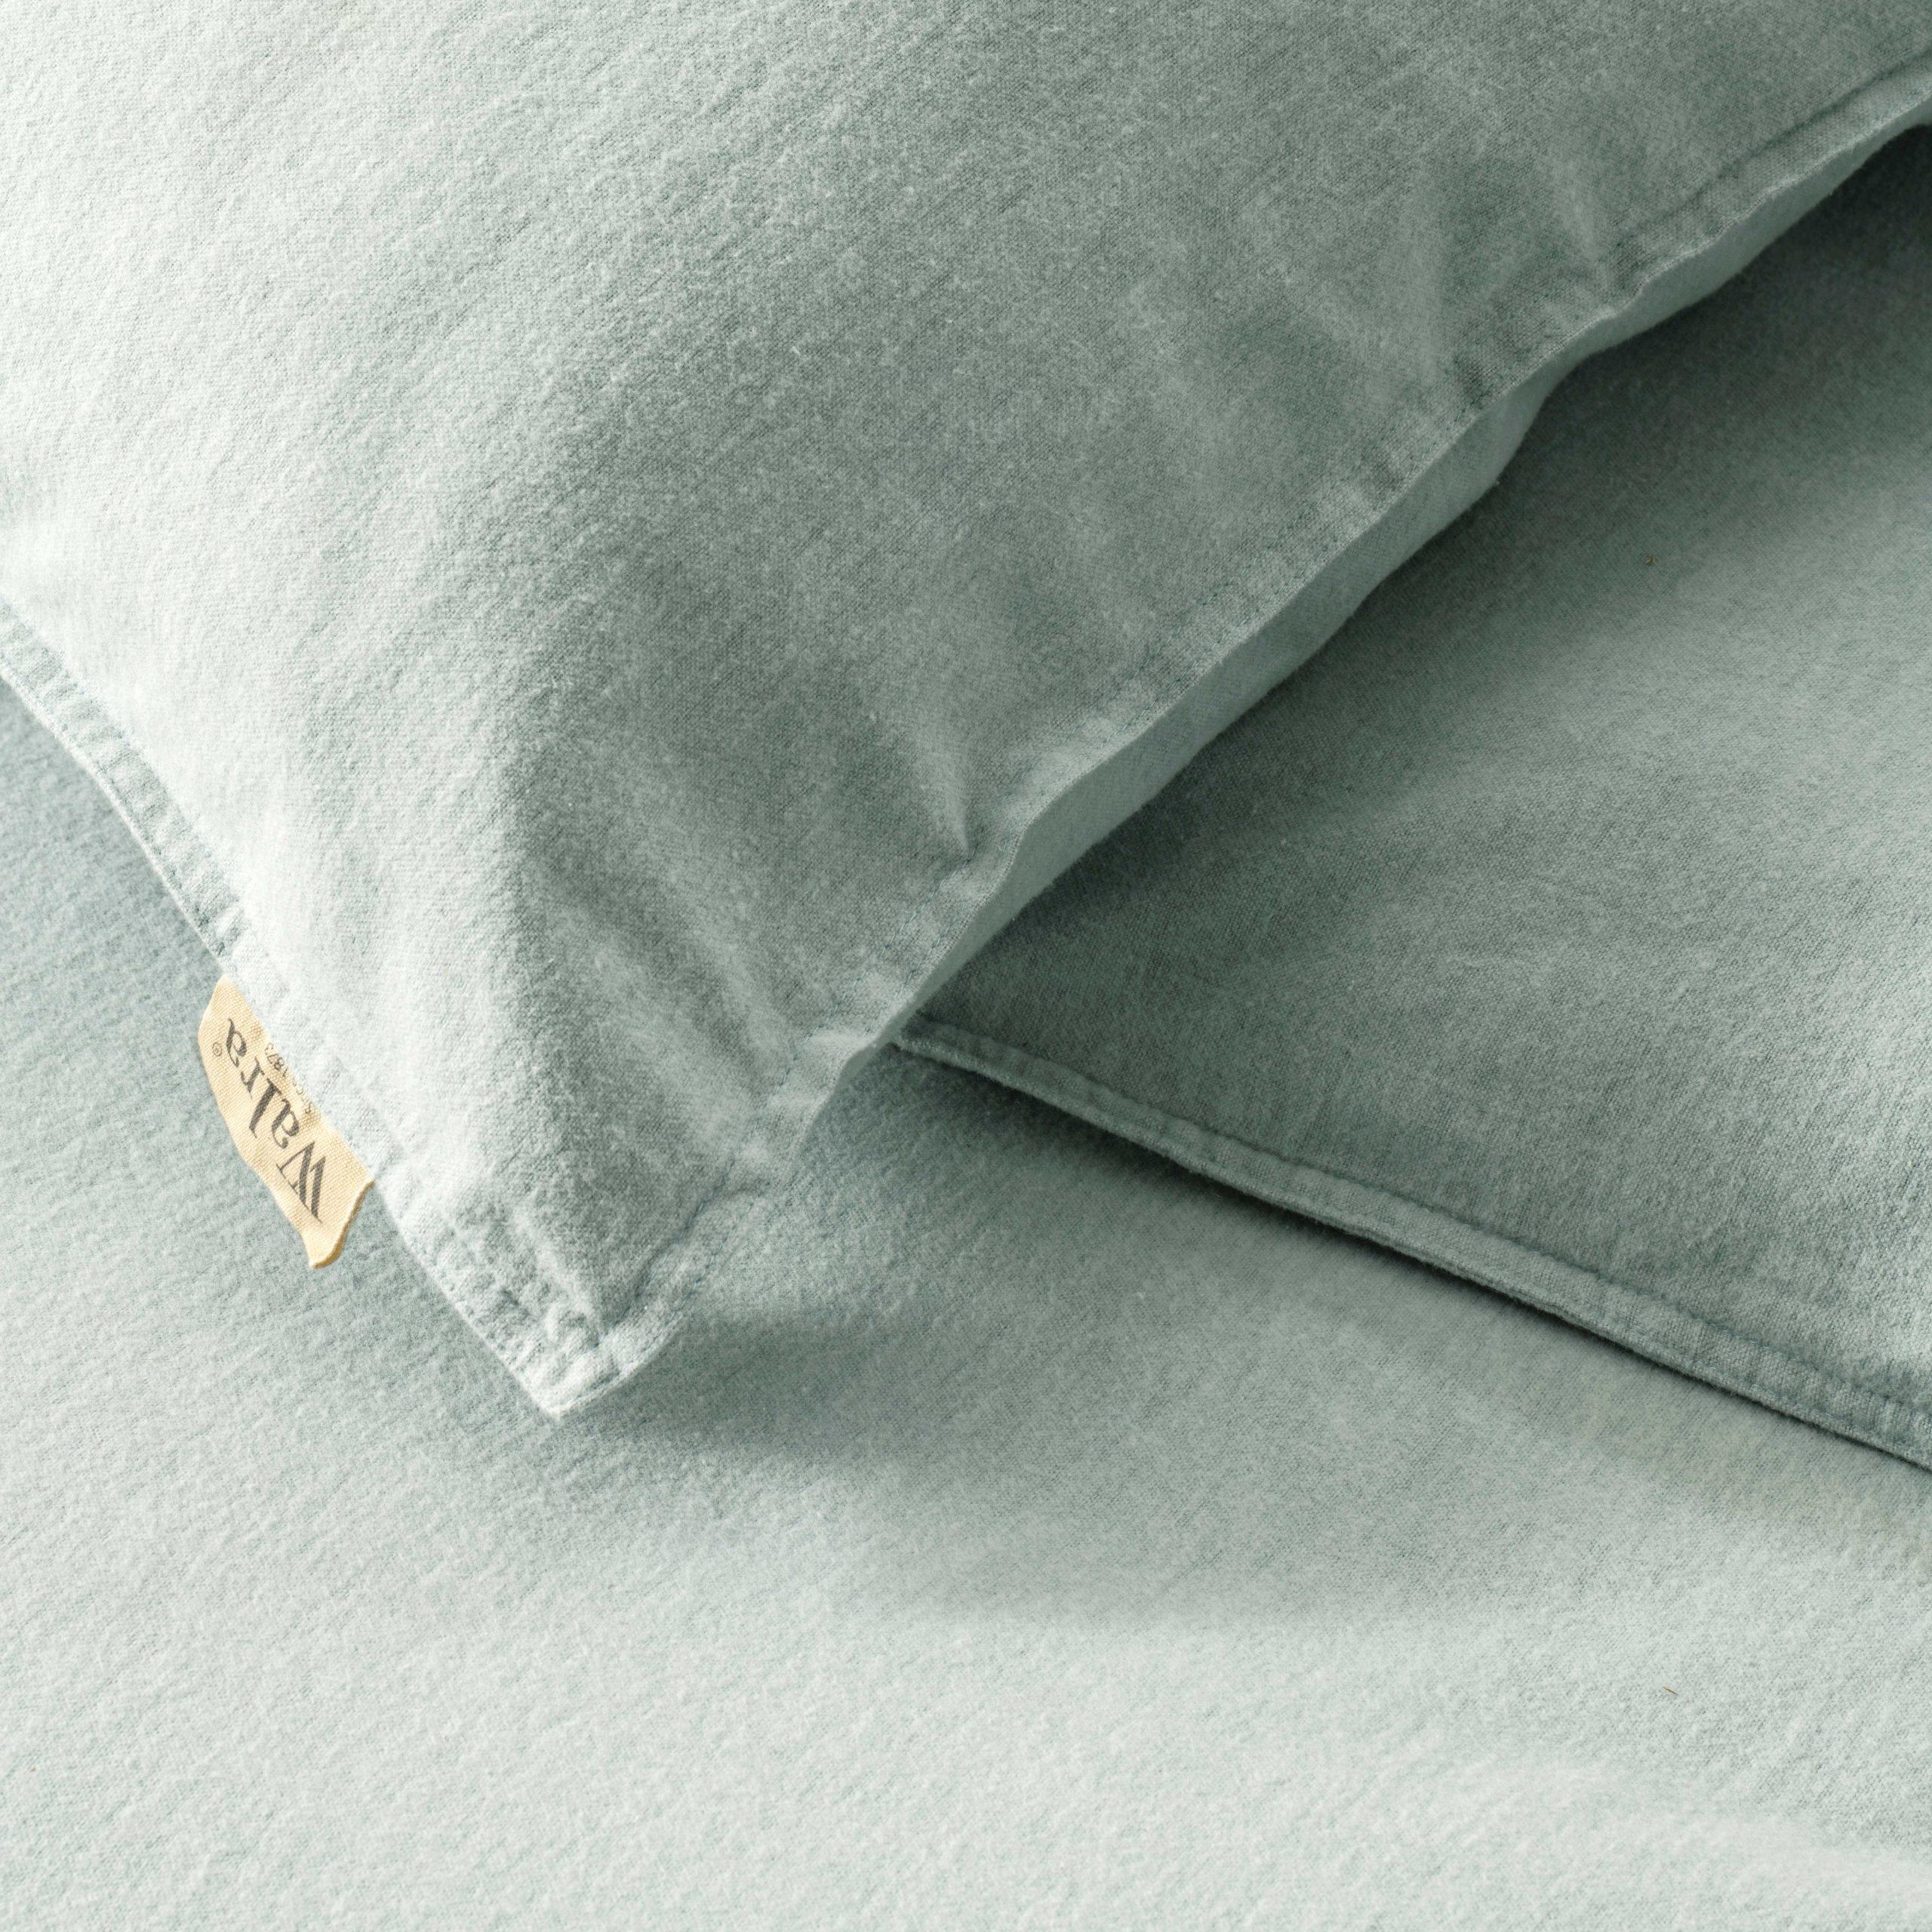 Dekbedovertrek Walra Vintage Flannel Jade 200x20 cm 2-persoons dekbedovertrek